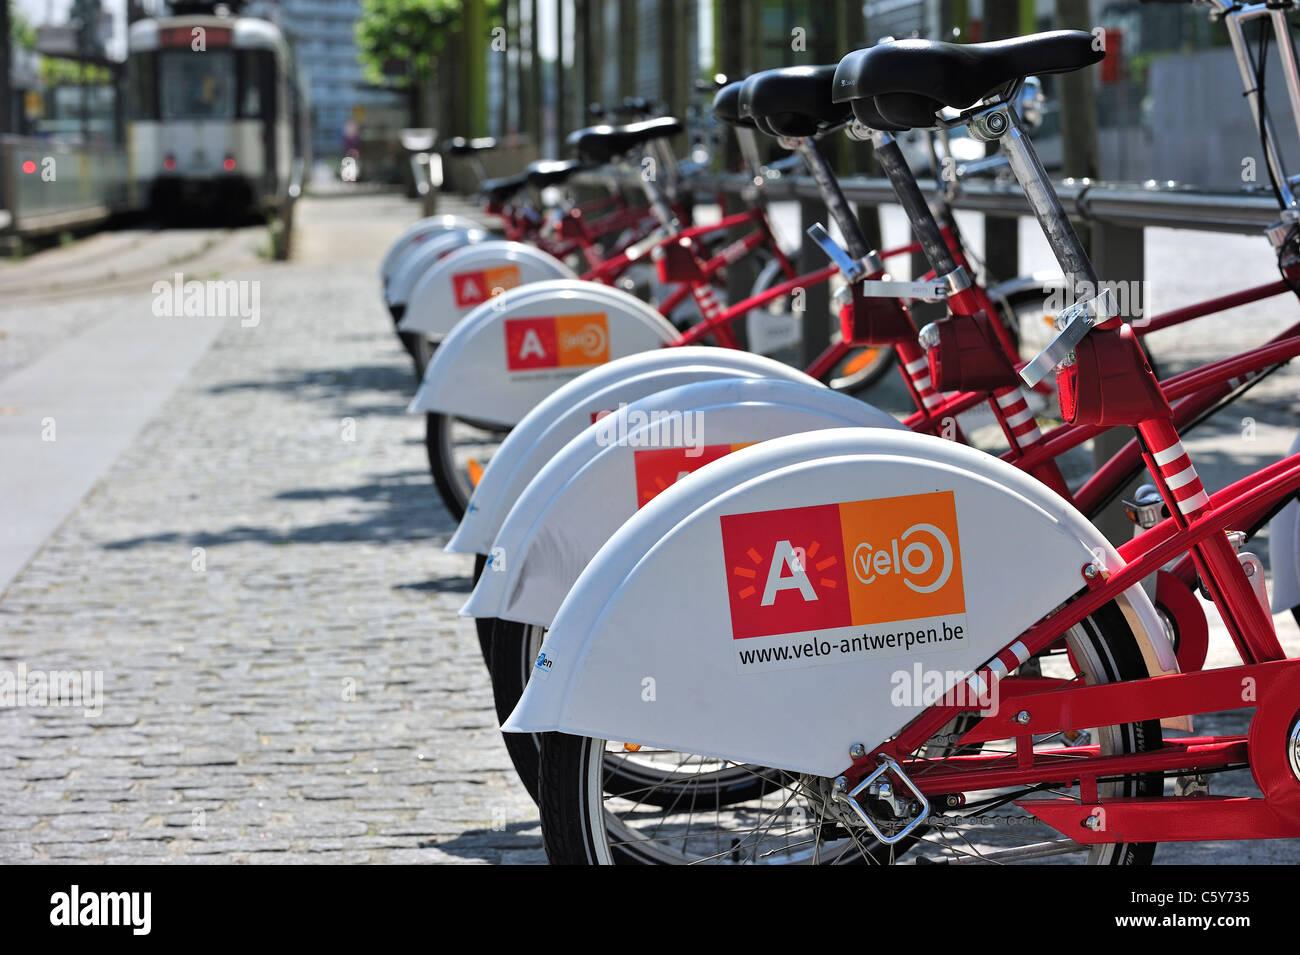 Parcheggio biciclette rosso in una delle stazioni di velo a Anversa, Belgio Immagini Stock